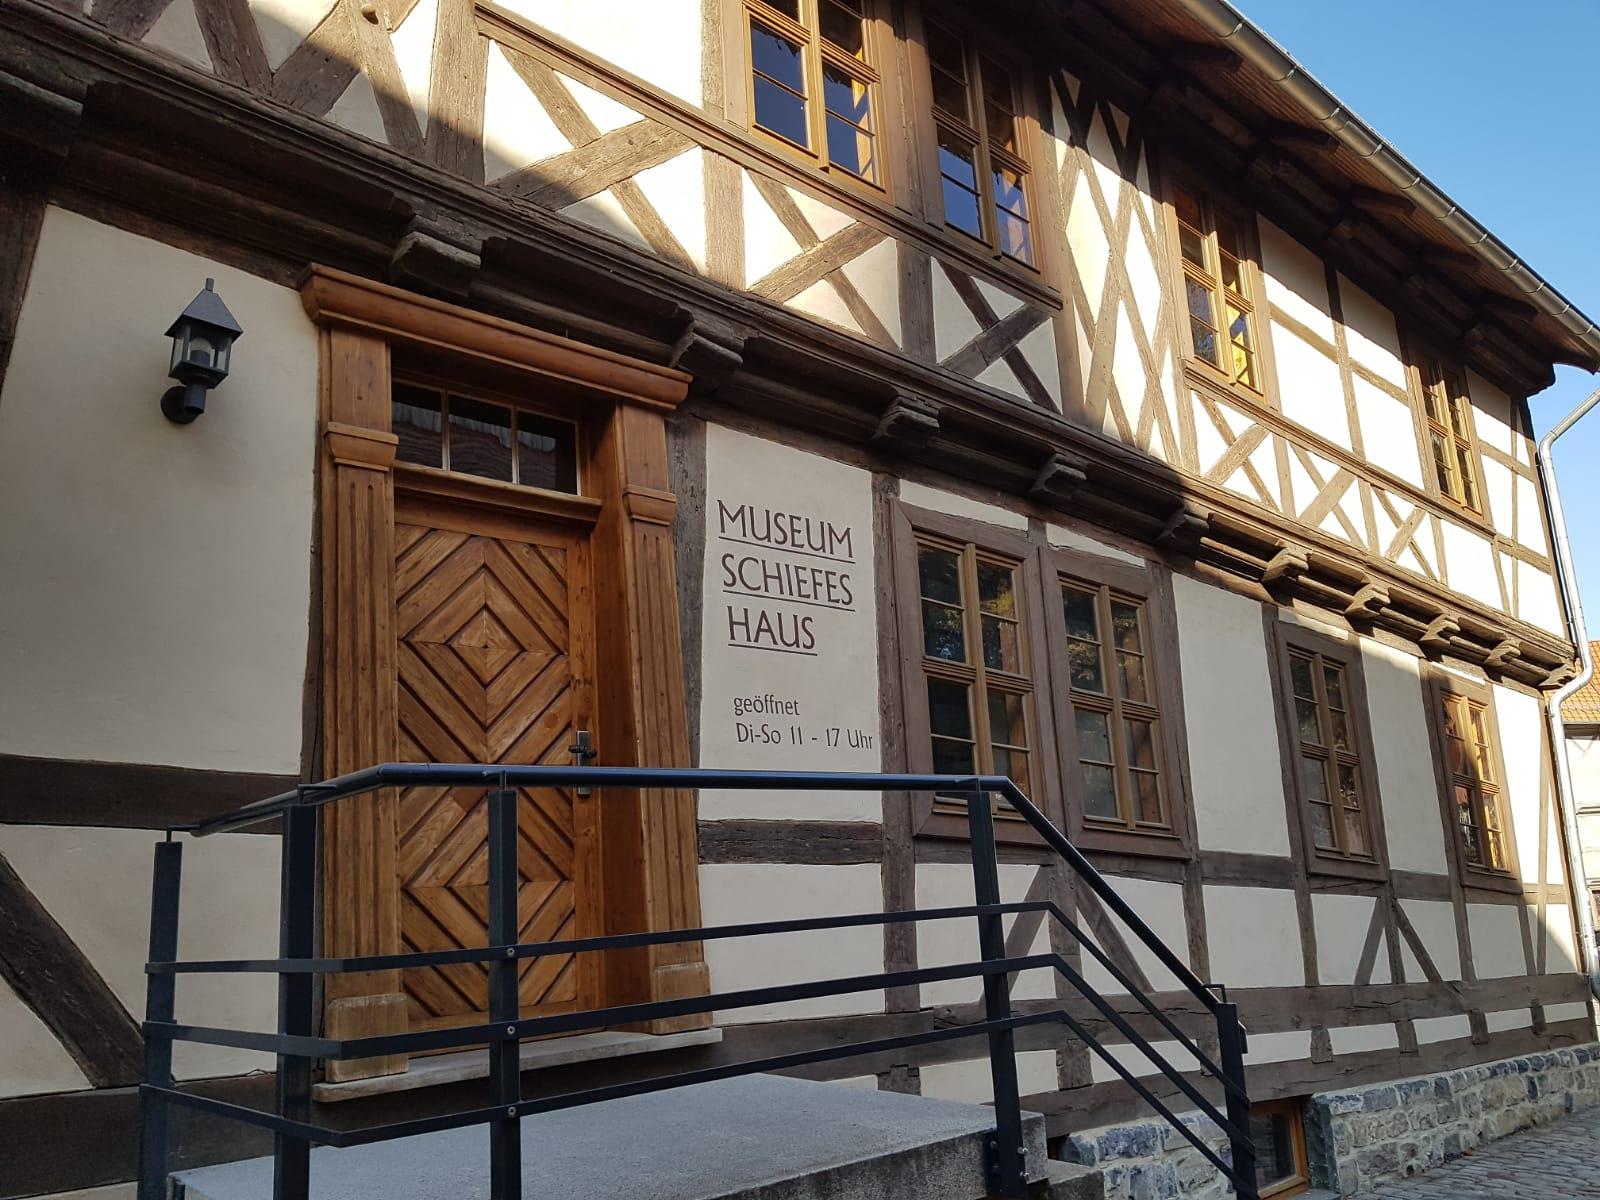 2010 bis 2012 veranlasste die Stadt Wernigerode die denkmalgerechte Sanierung und den Ausbau zum Museum